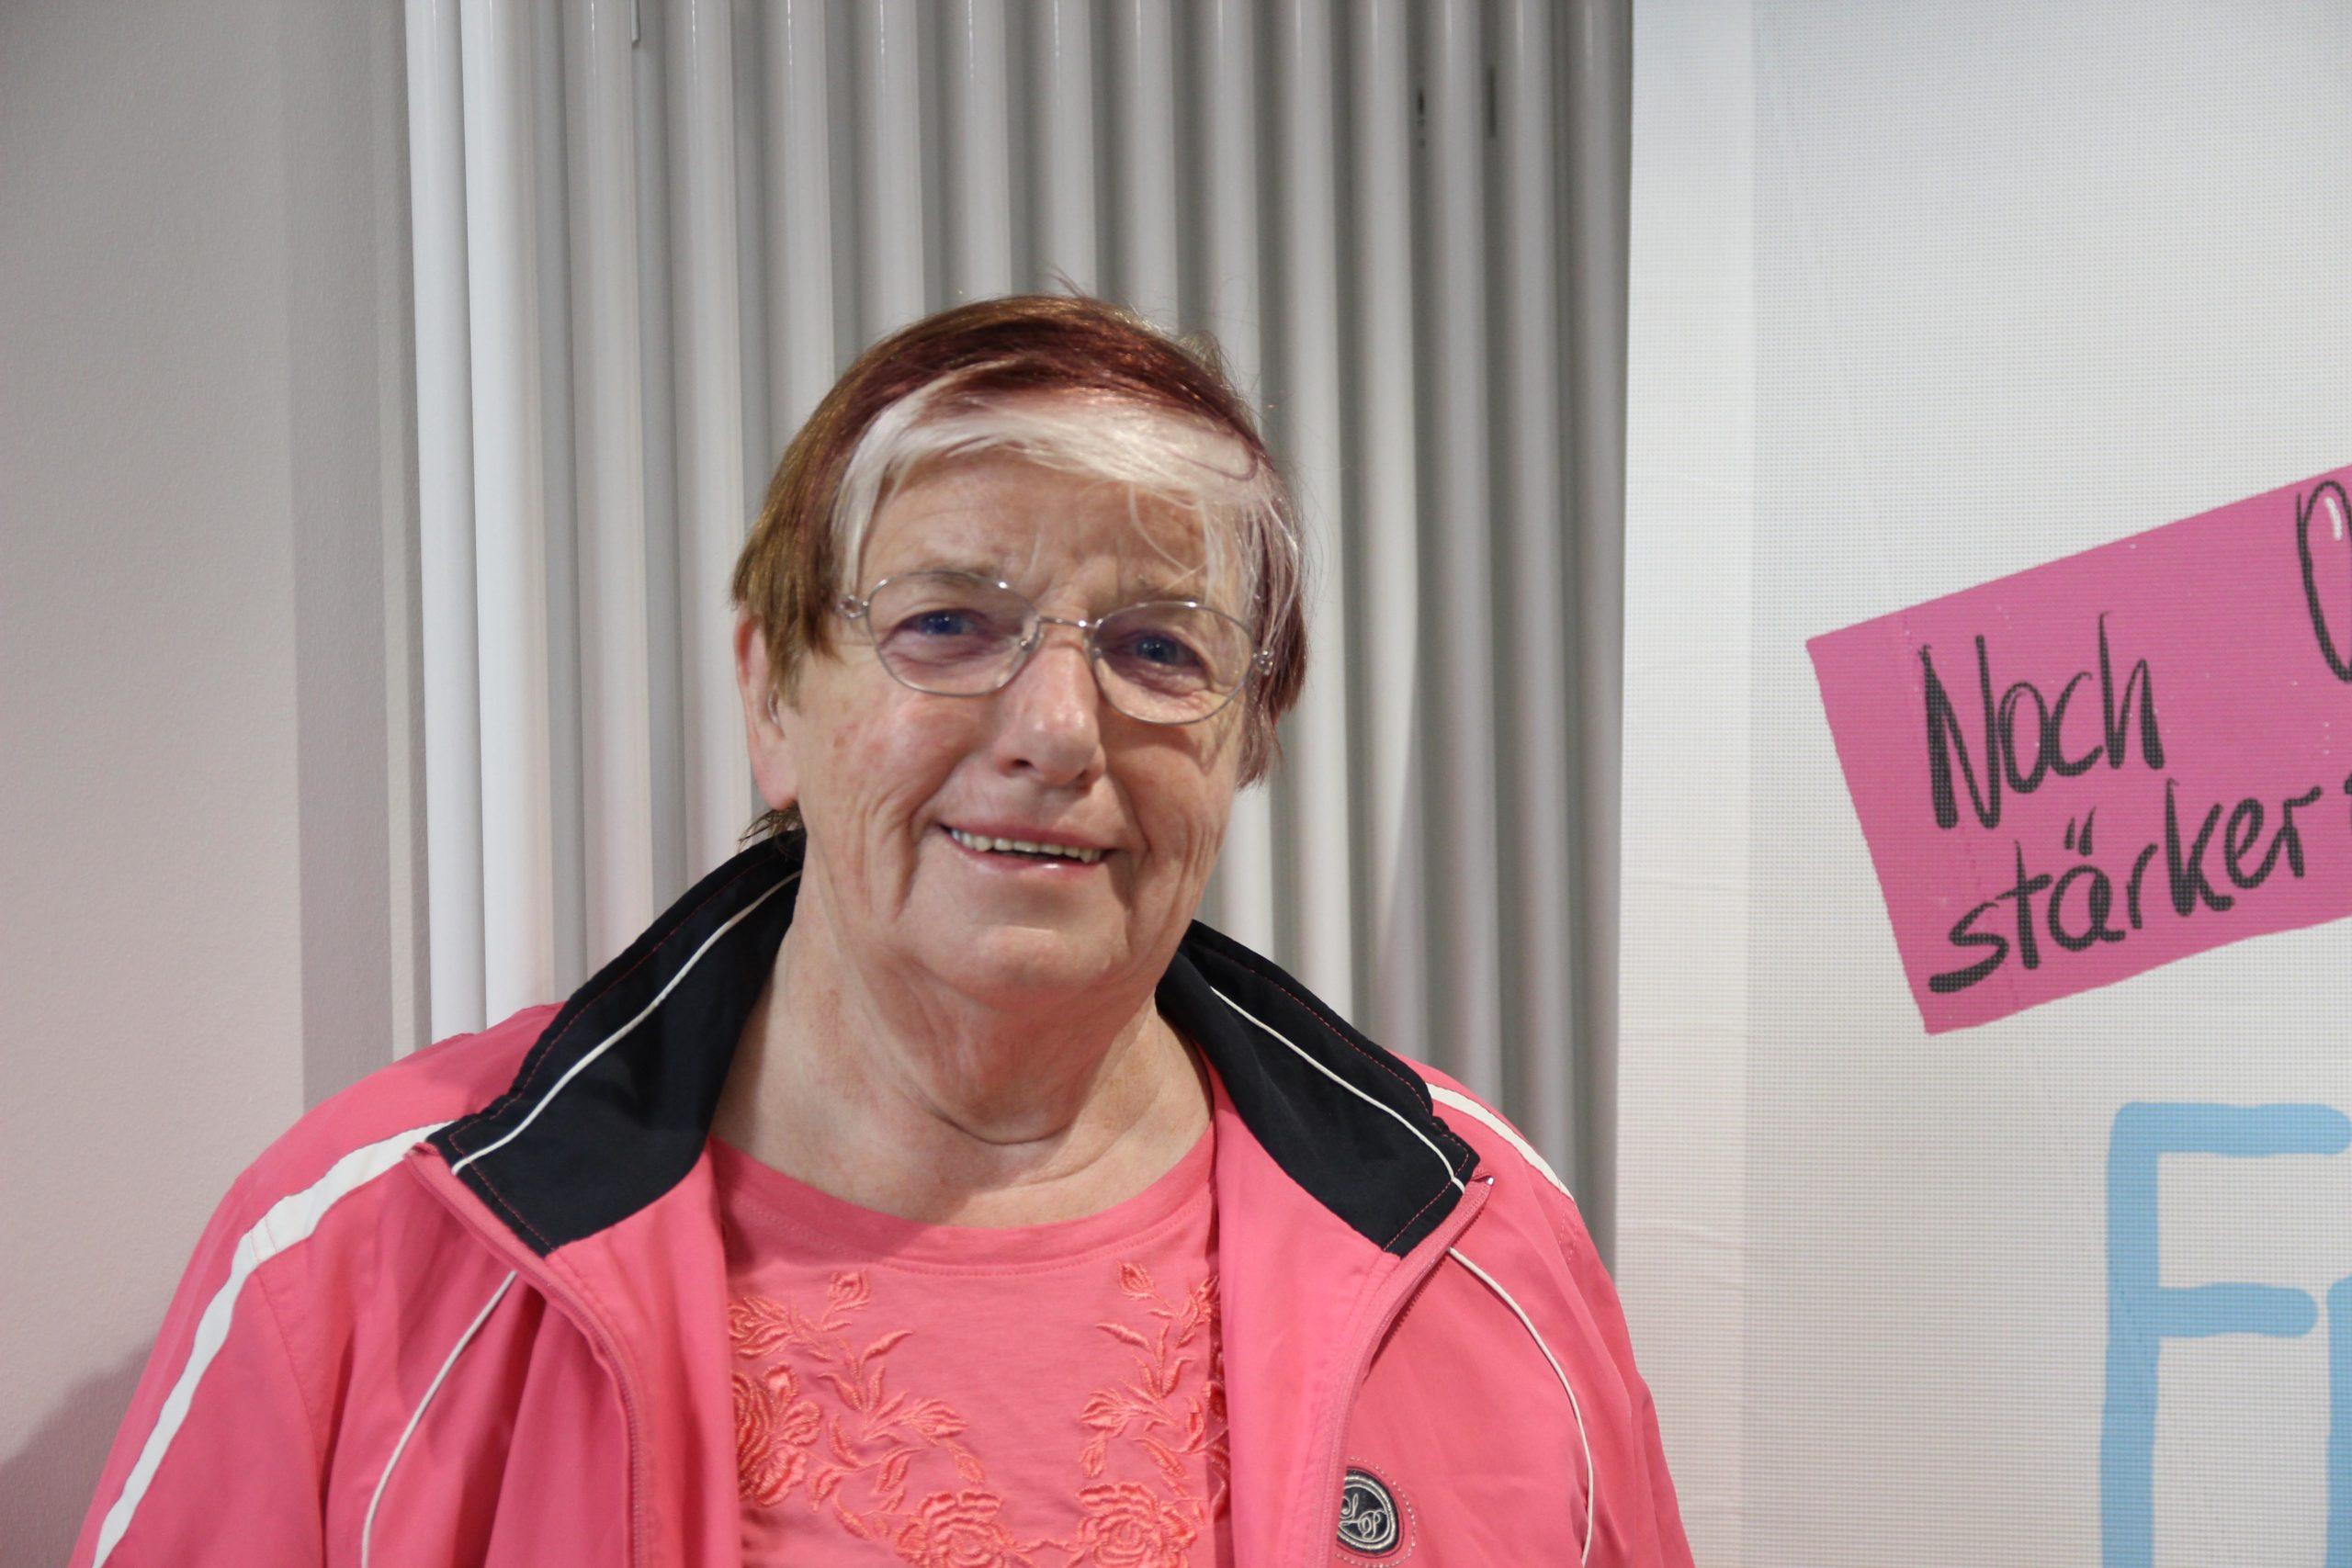 Christa Brandt (72) aus der Wedemark